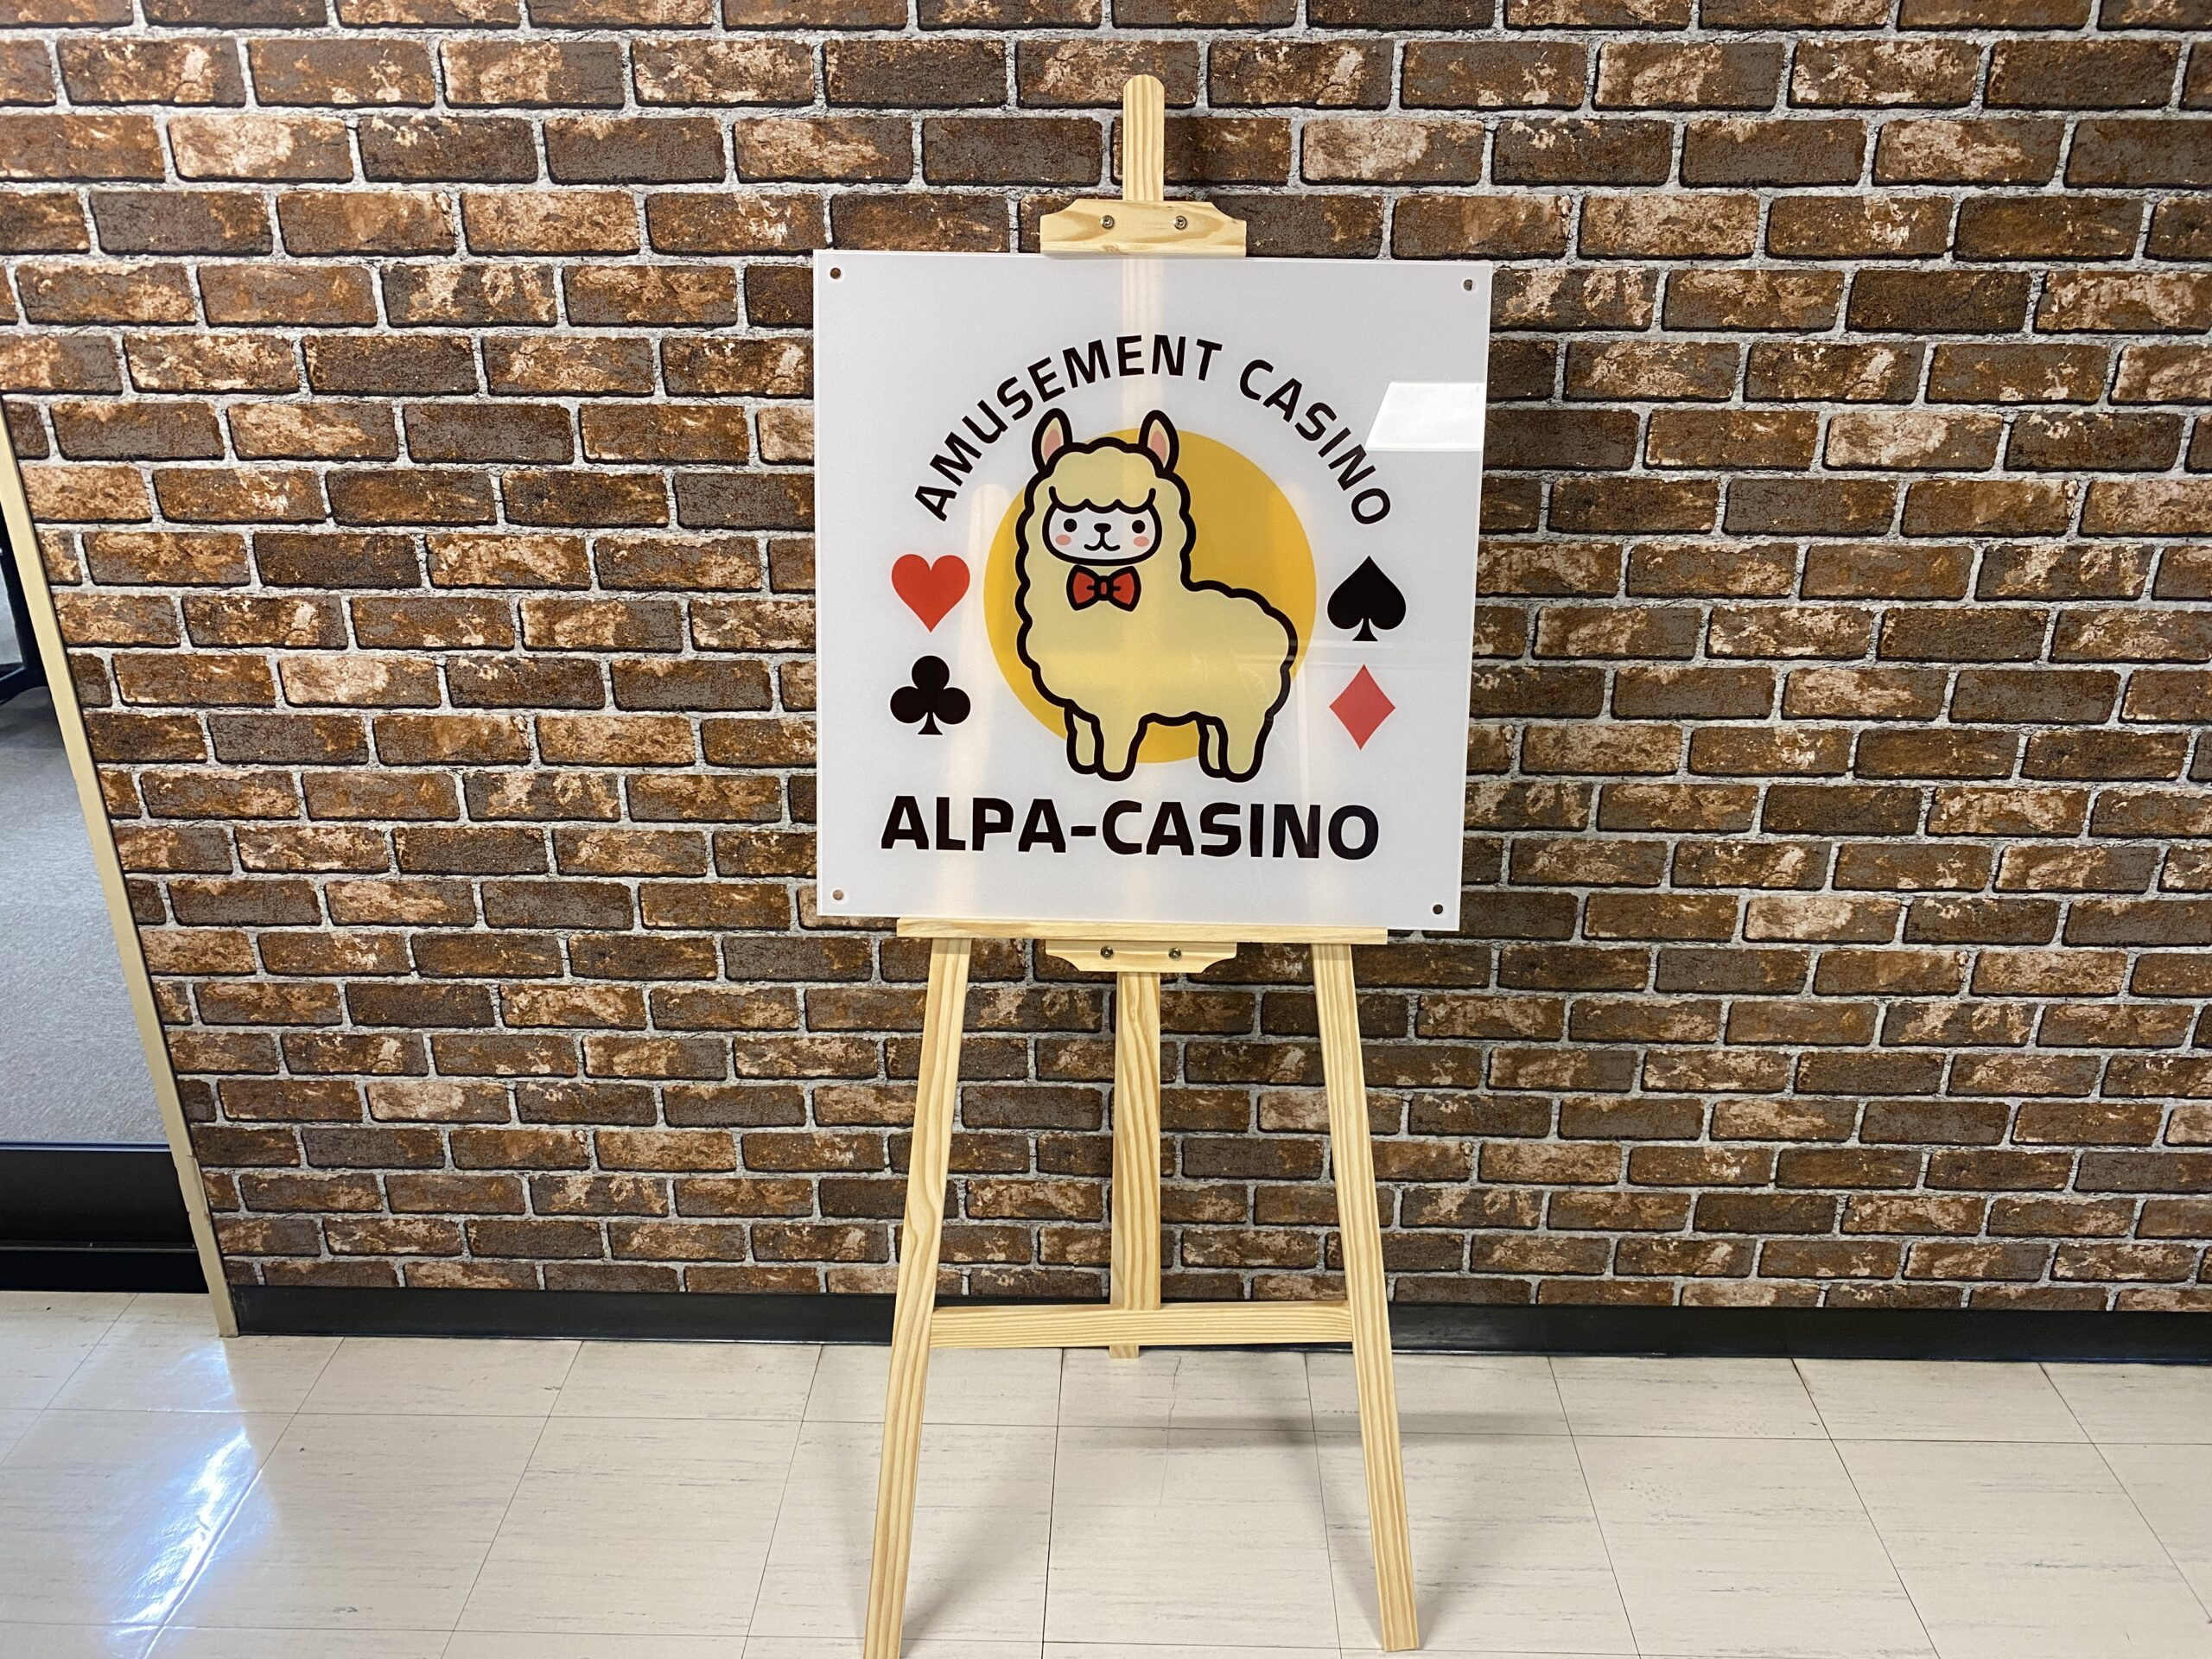 カジノ教室併設のアミューズメントカジノ「アルパカジノ」がオープン